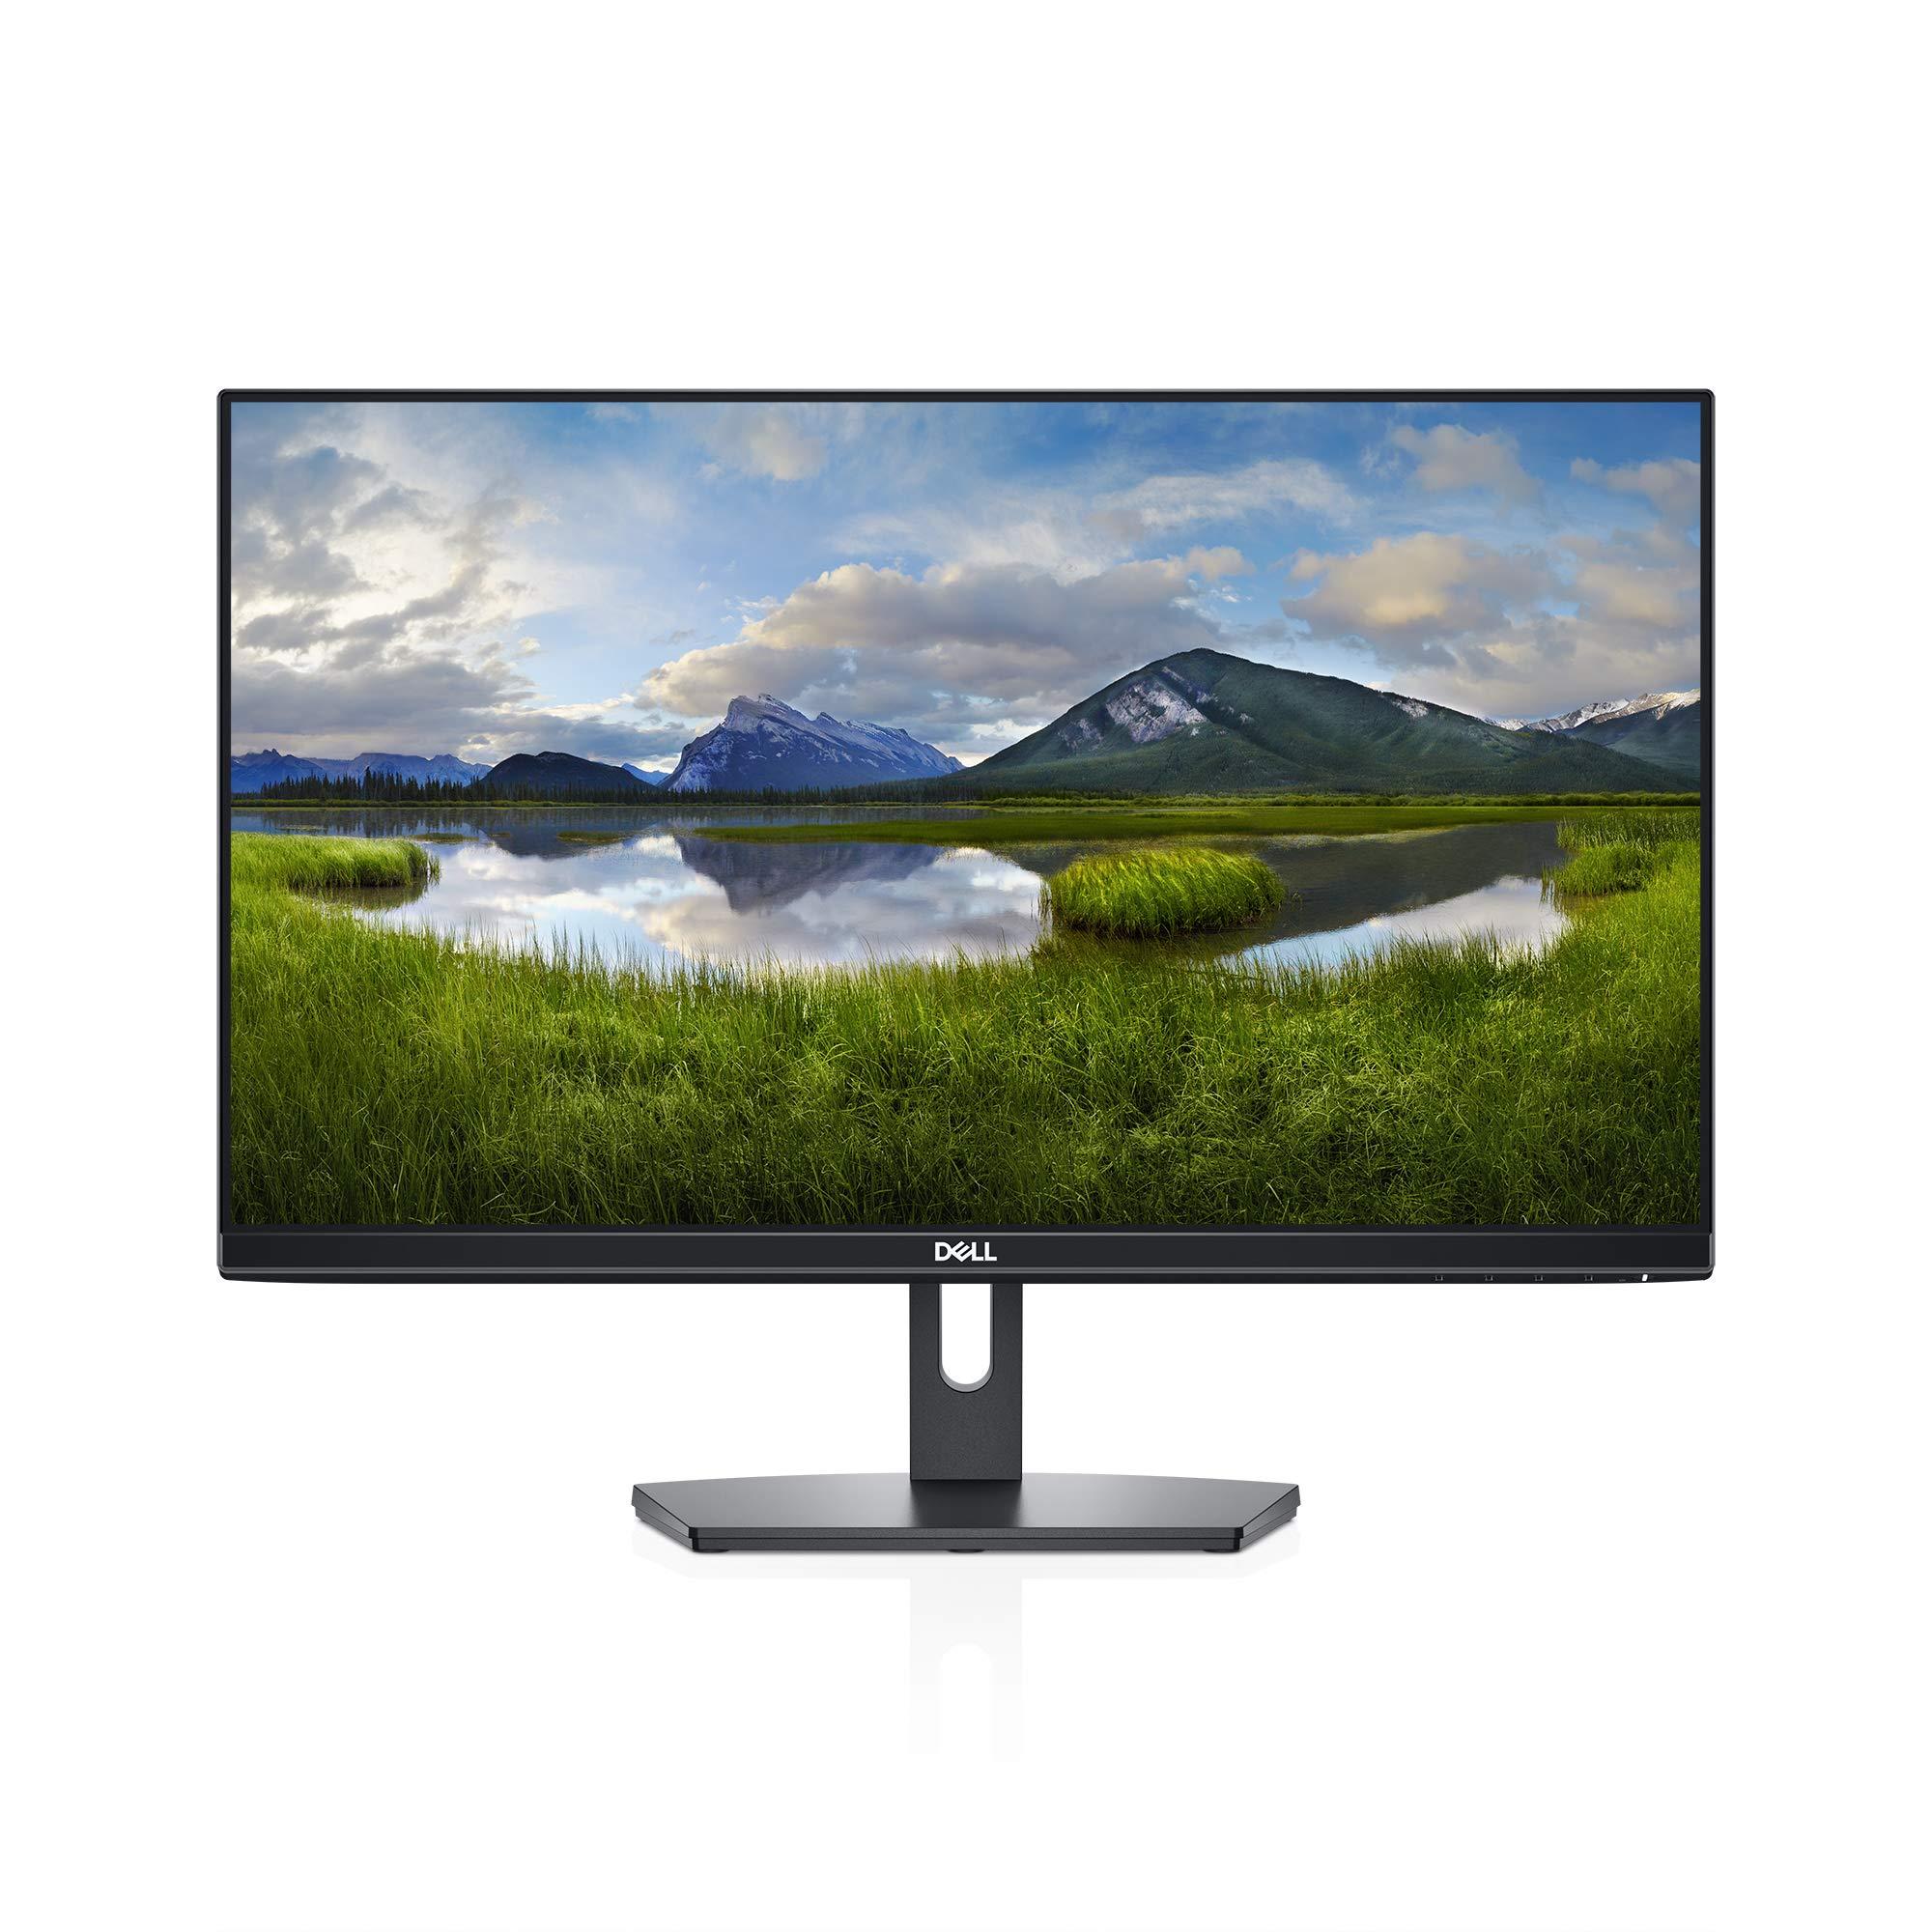 Dell SE2419Hx 23.8'' IPS Full HD (1920x1080) Monitor by Dell